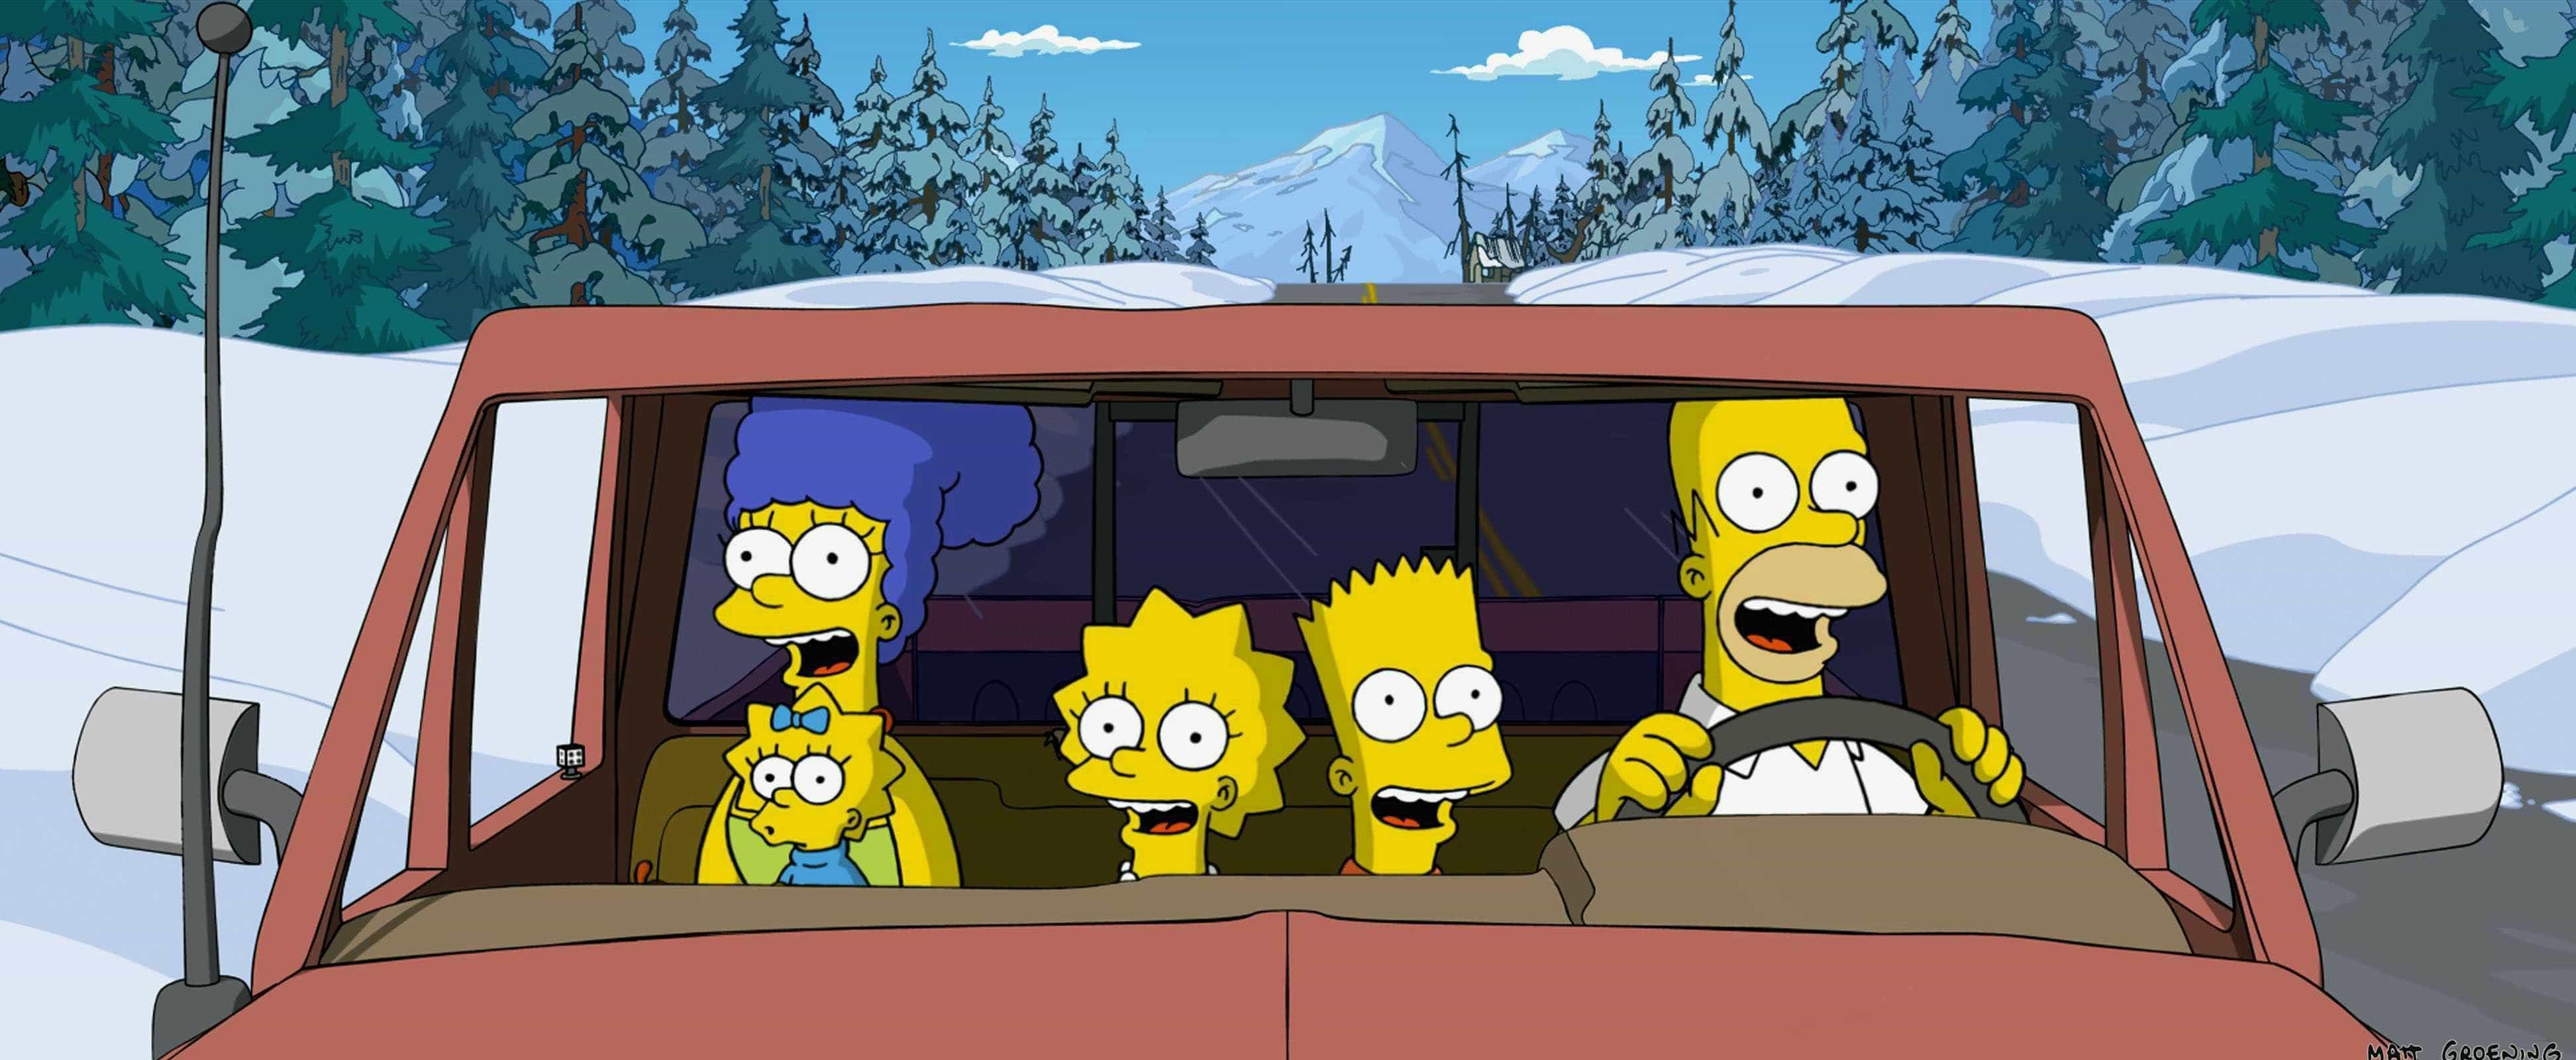 Simpsons 'trintões' vão festejar anos, mas já cá andavam há mais tempo